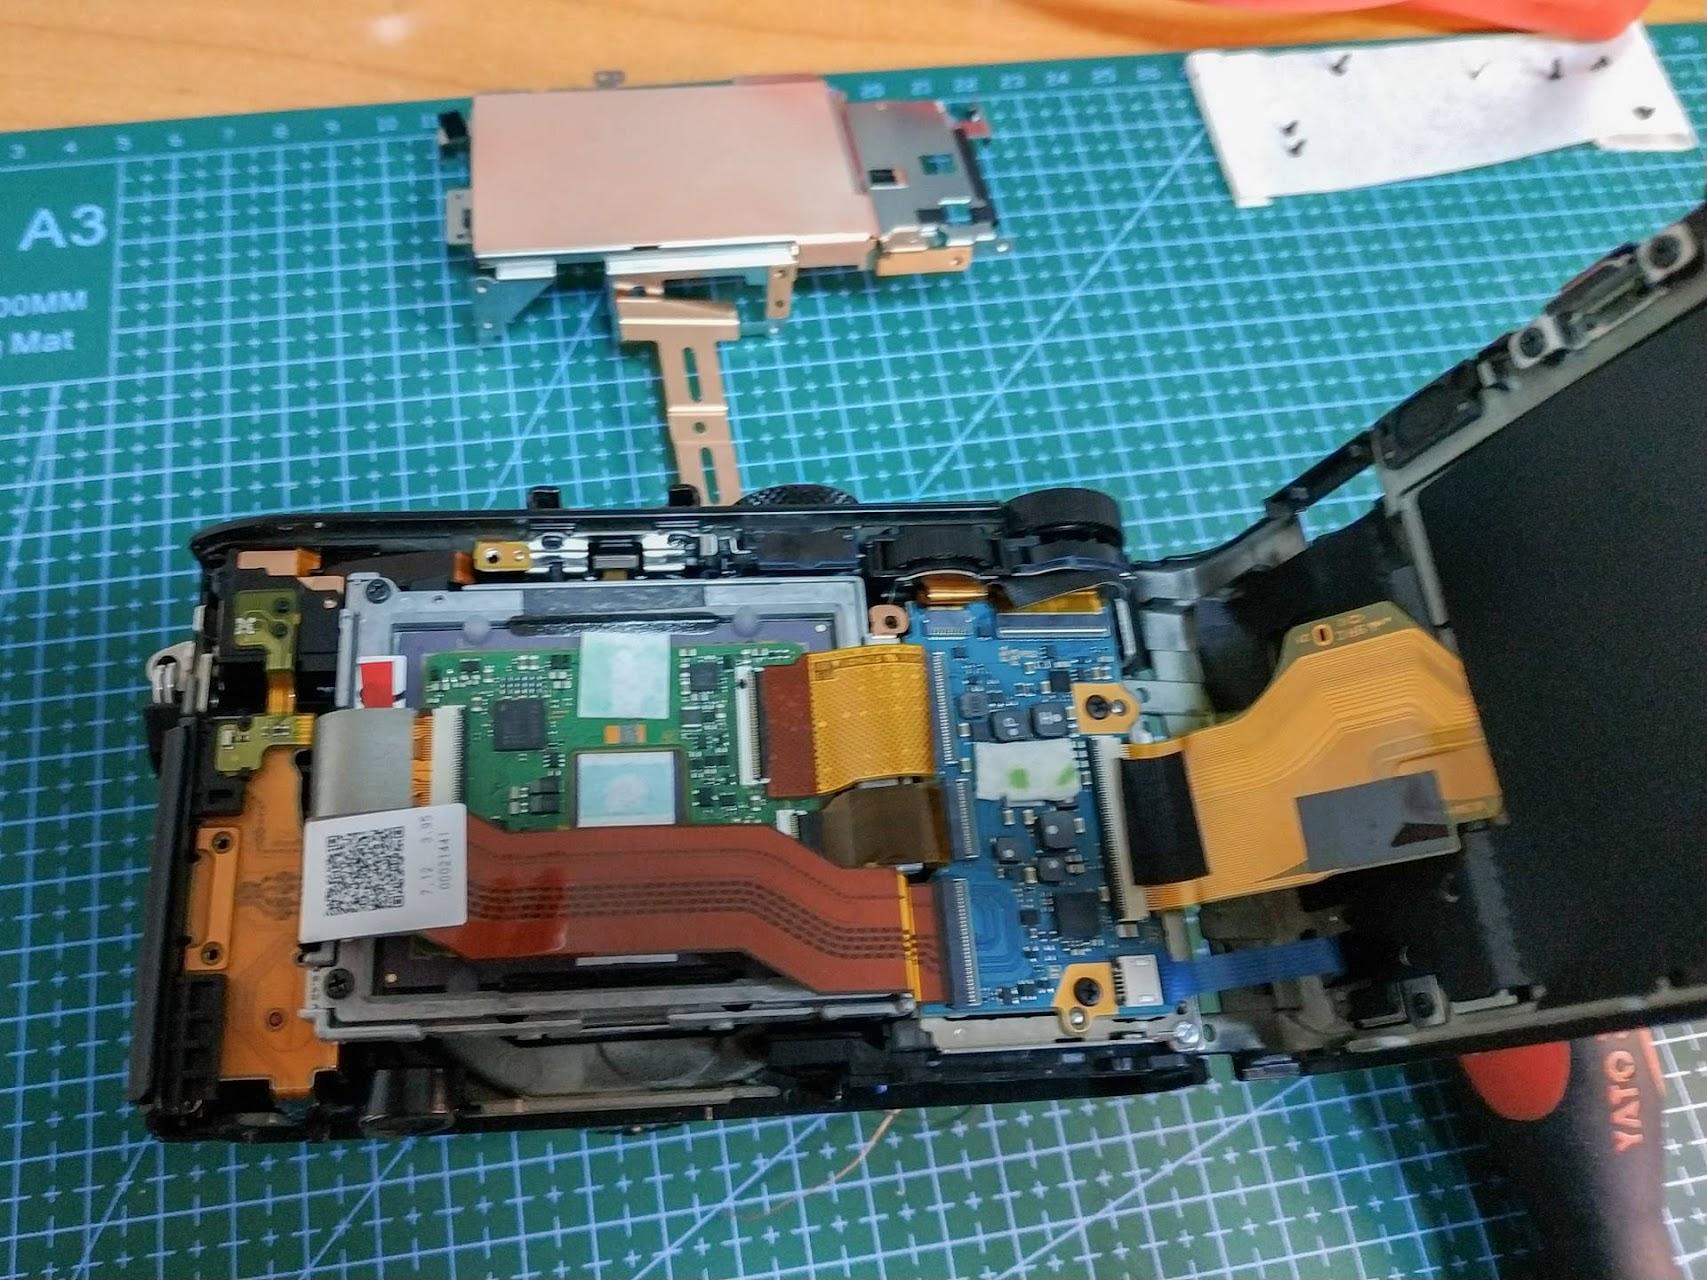 Неполная сборка фотоаппарата, без установки внутренней крышки и детали охлаждения матрицы.